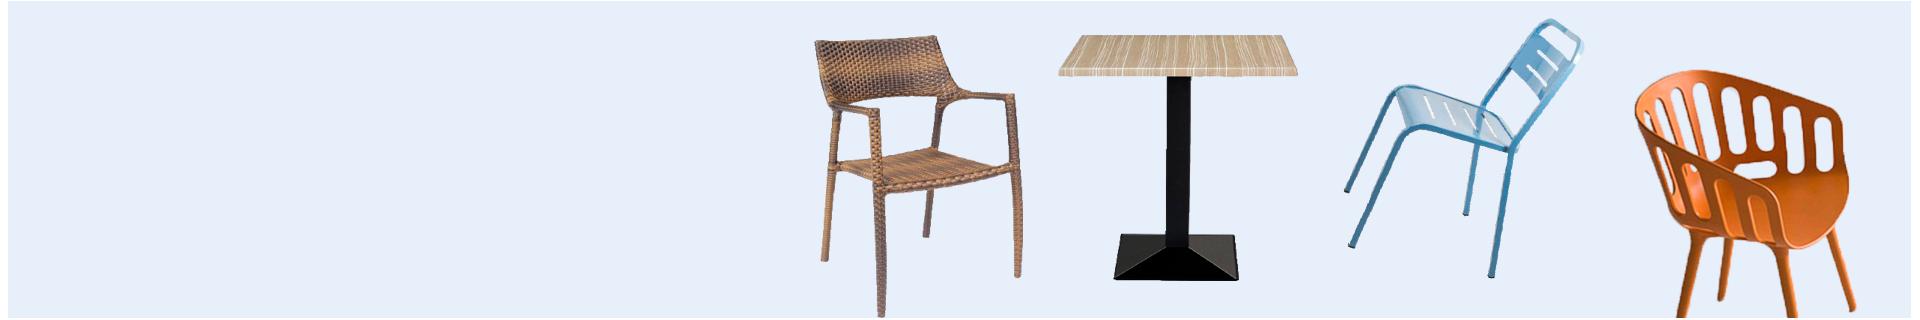 Mobiliario de hostelería y restauración. Tienda Online. ABADISERN.COM